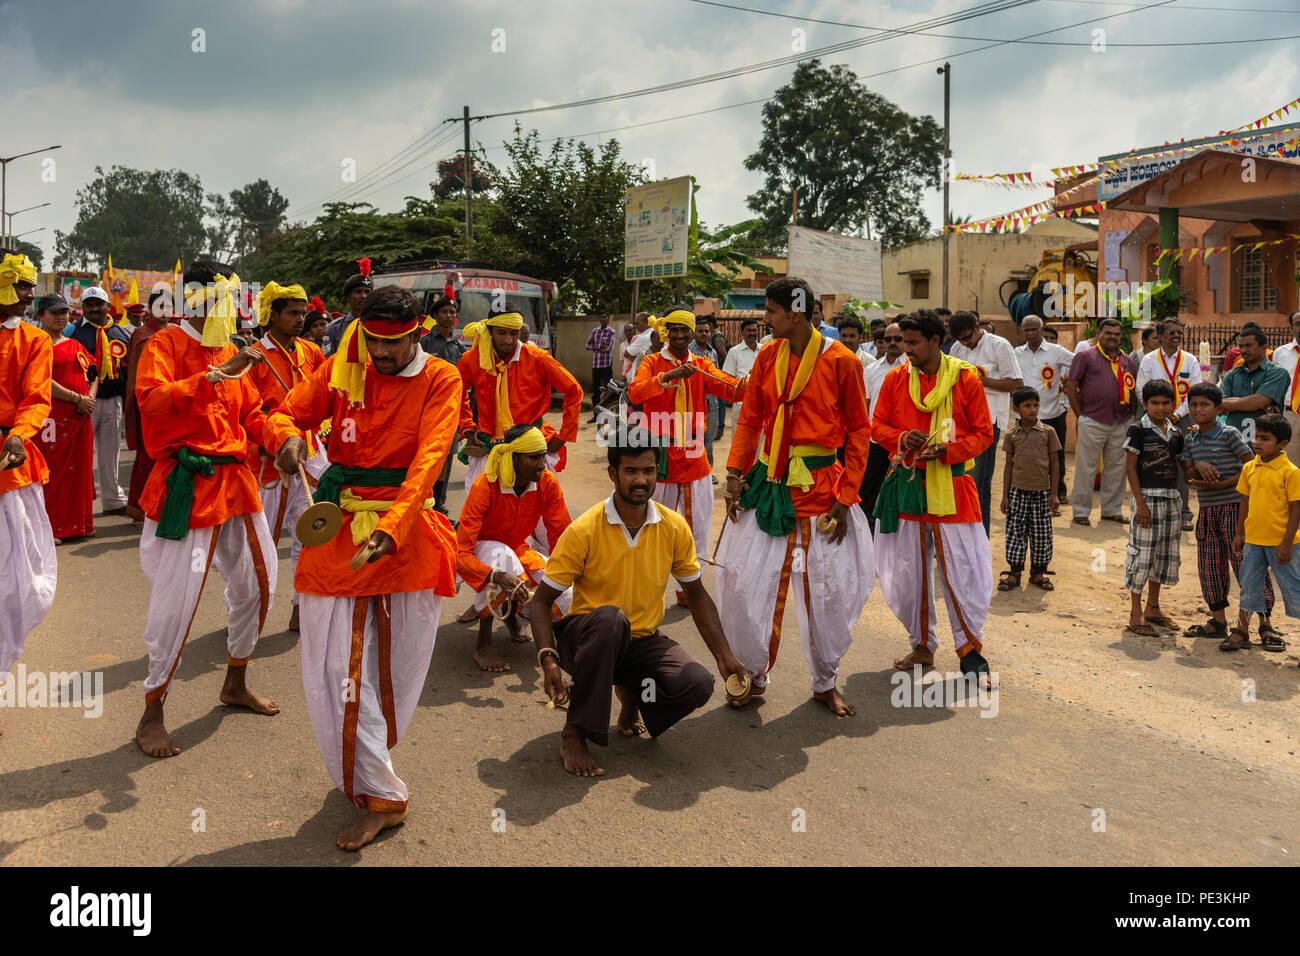 Mellahalli, Karnataka, Indien - November 1, 2013: Karnataka Rajyotsava Parade. Gruppe von orangen und weißen Tänzer und Akrobaten anschickt, in st durchführen Stockbild